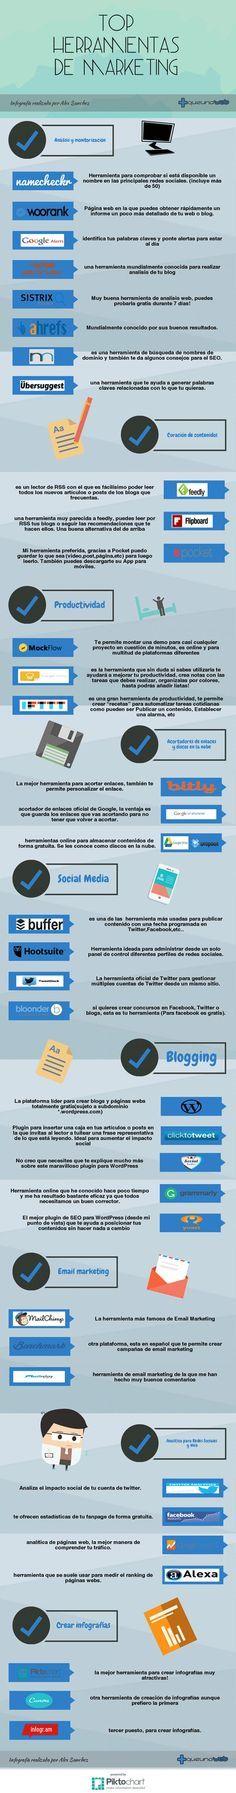 Esta infografía nos ofrece una interesante relación con muchas de las mejores herramientas para Marketing que se pueden encontrar en la actualidad.